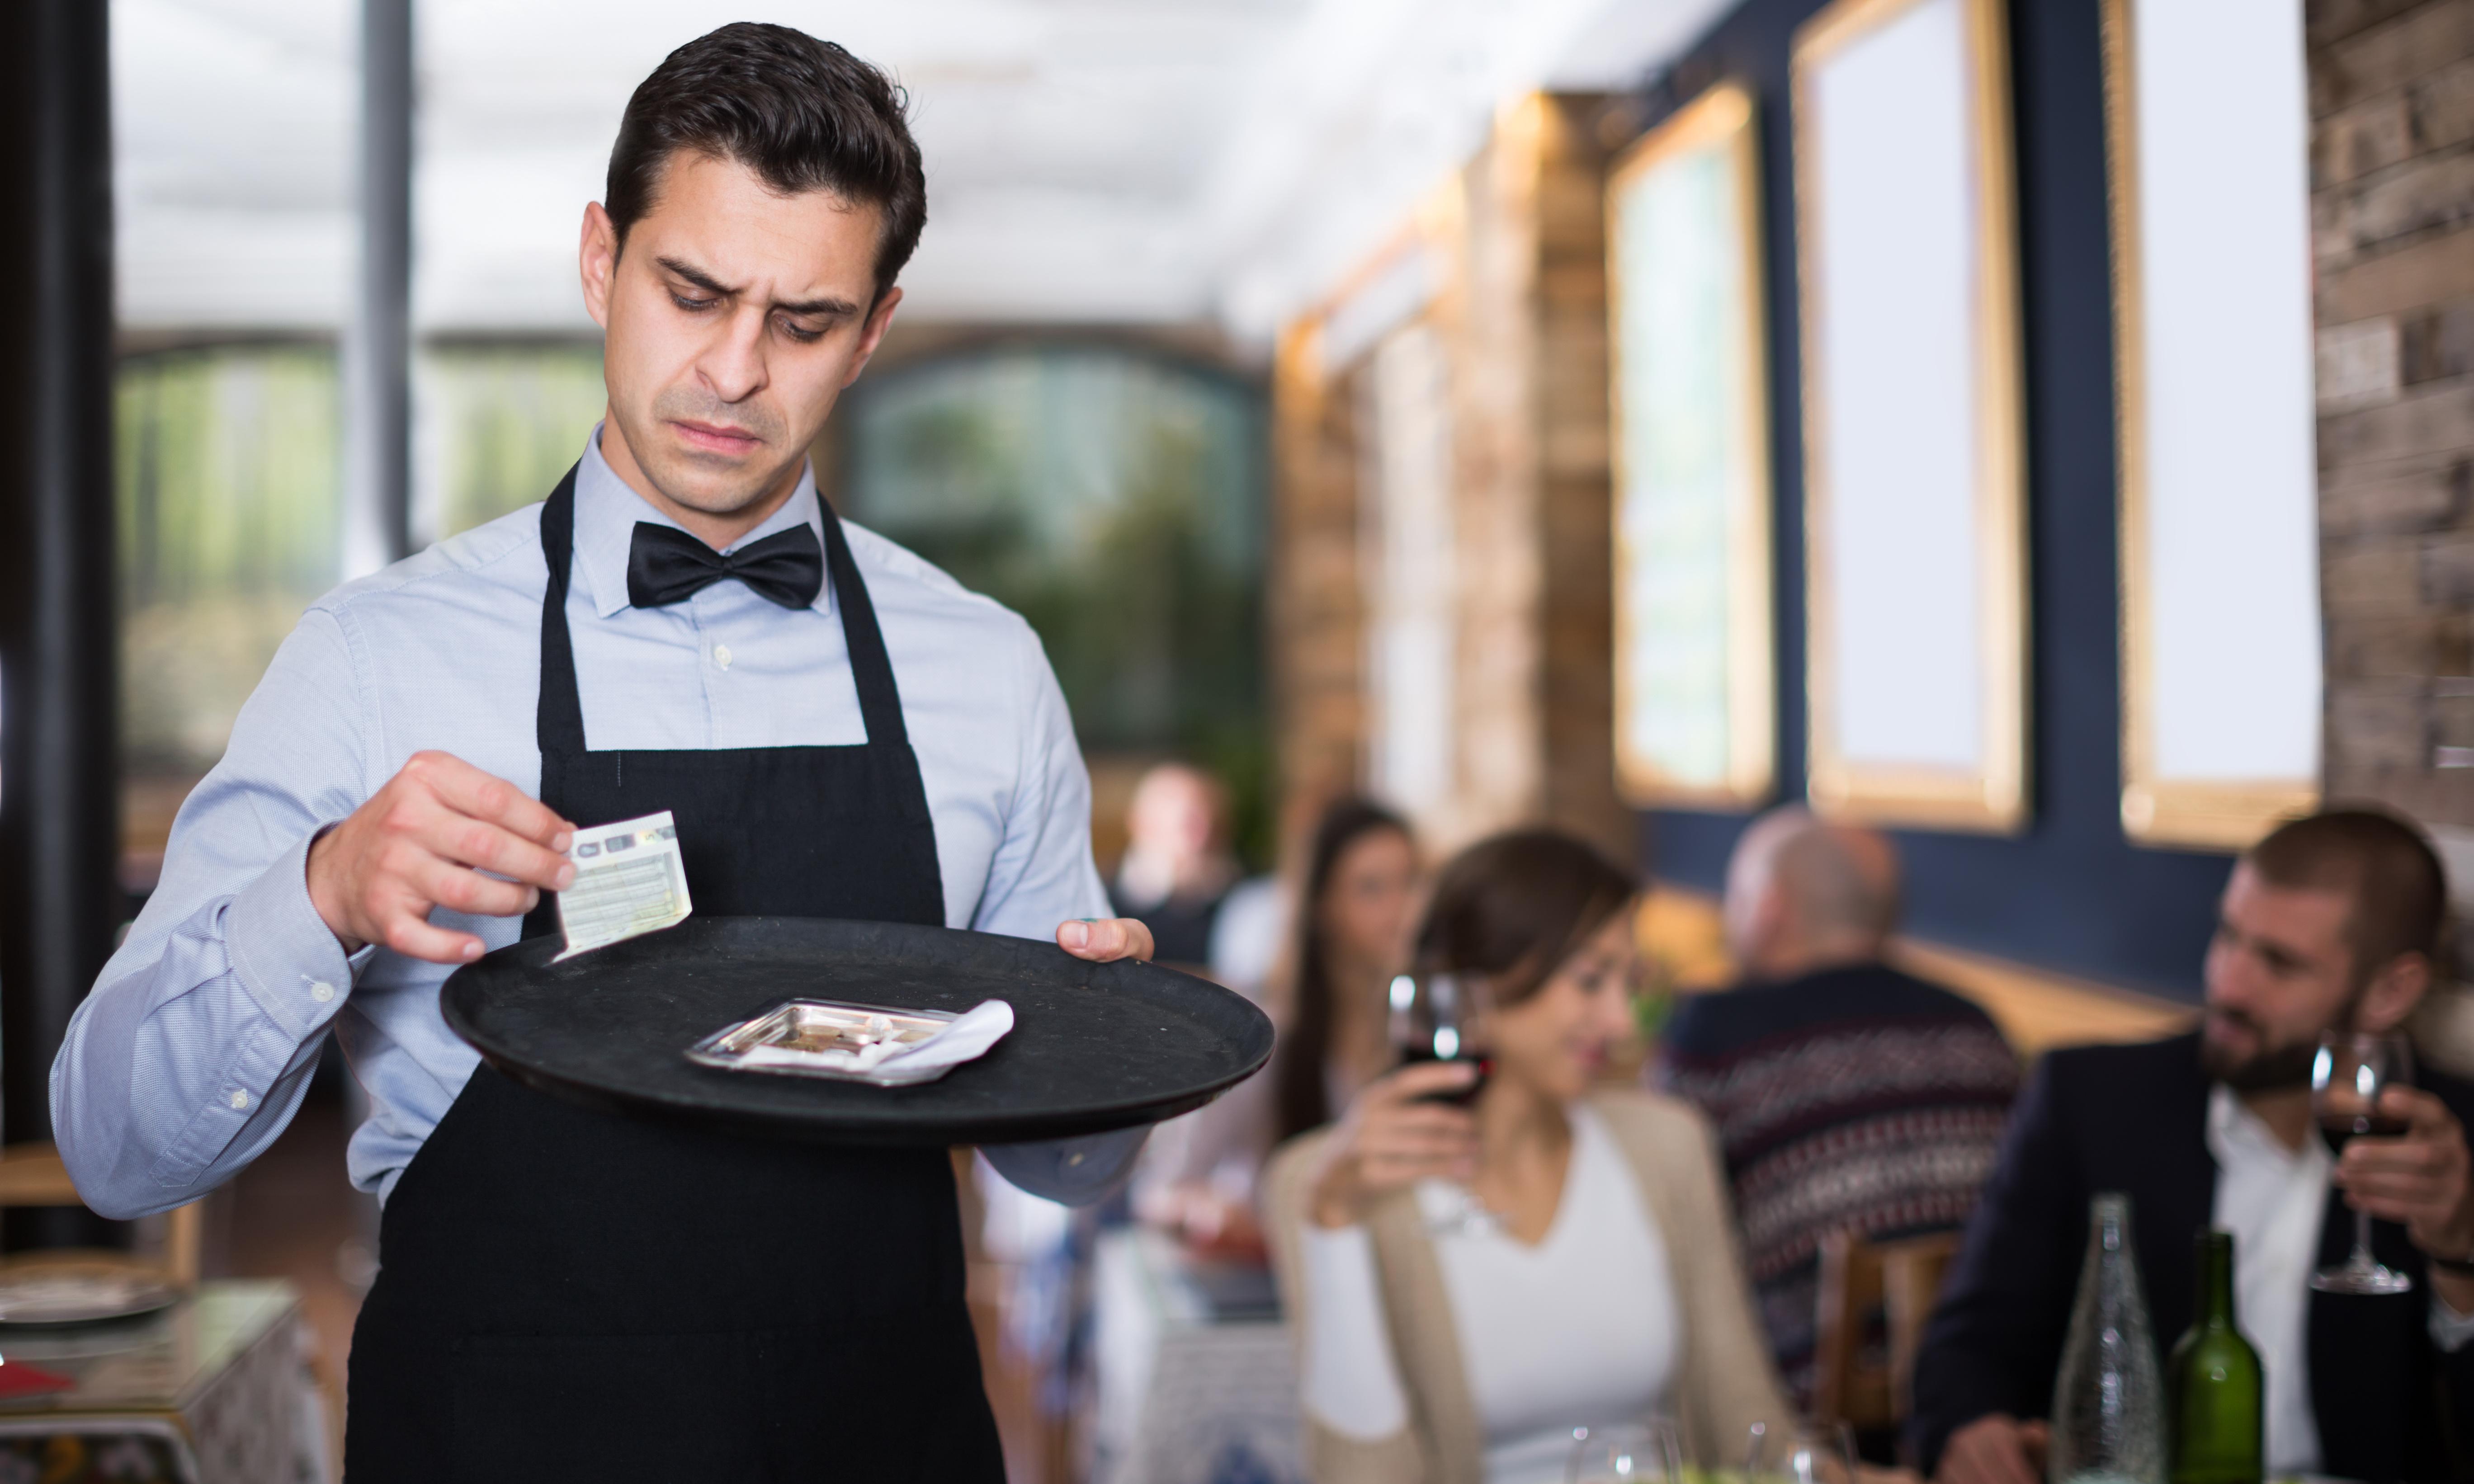 Not so hospitable – waiters on their restaurant horror stories